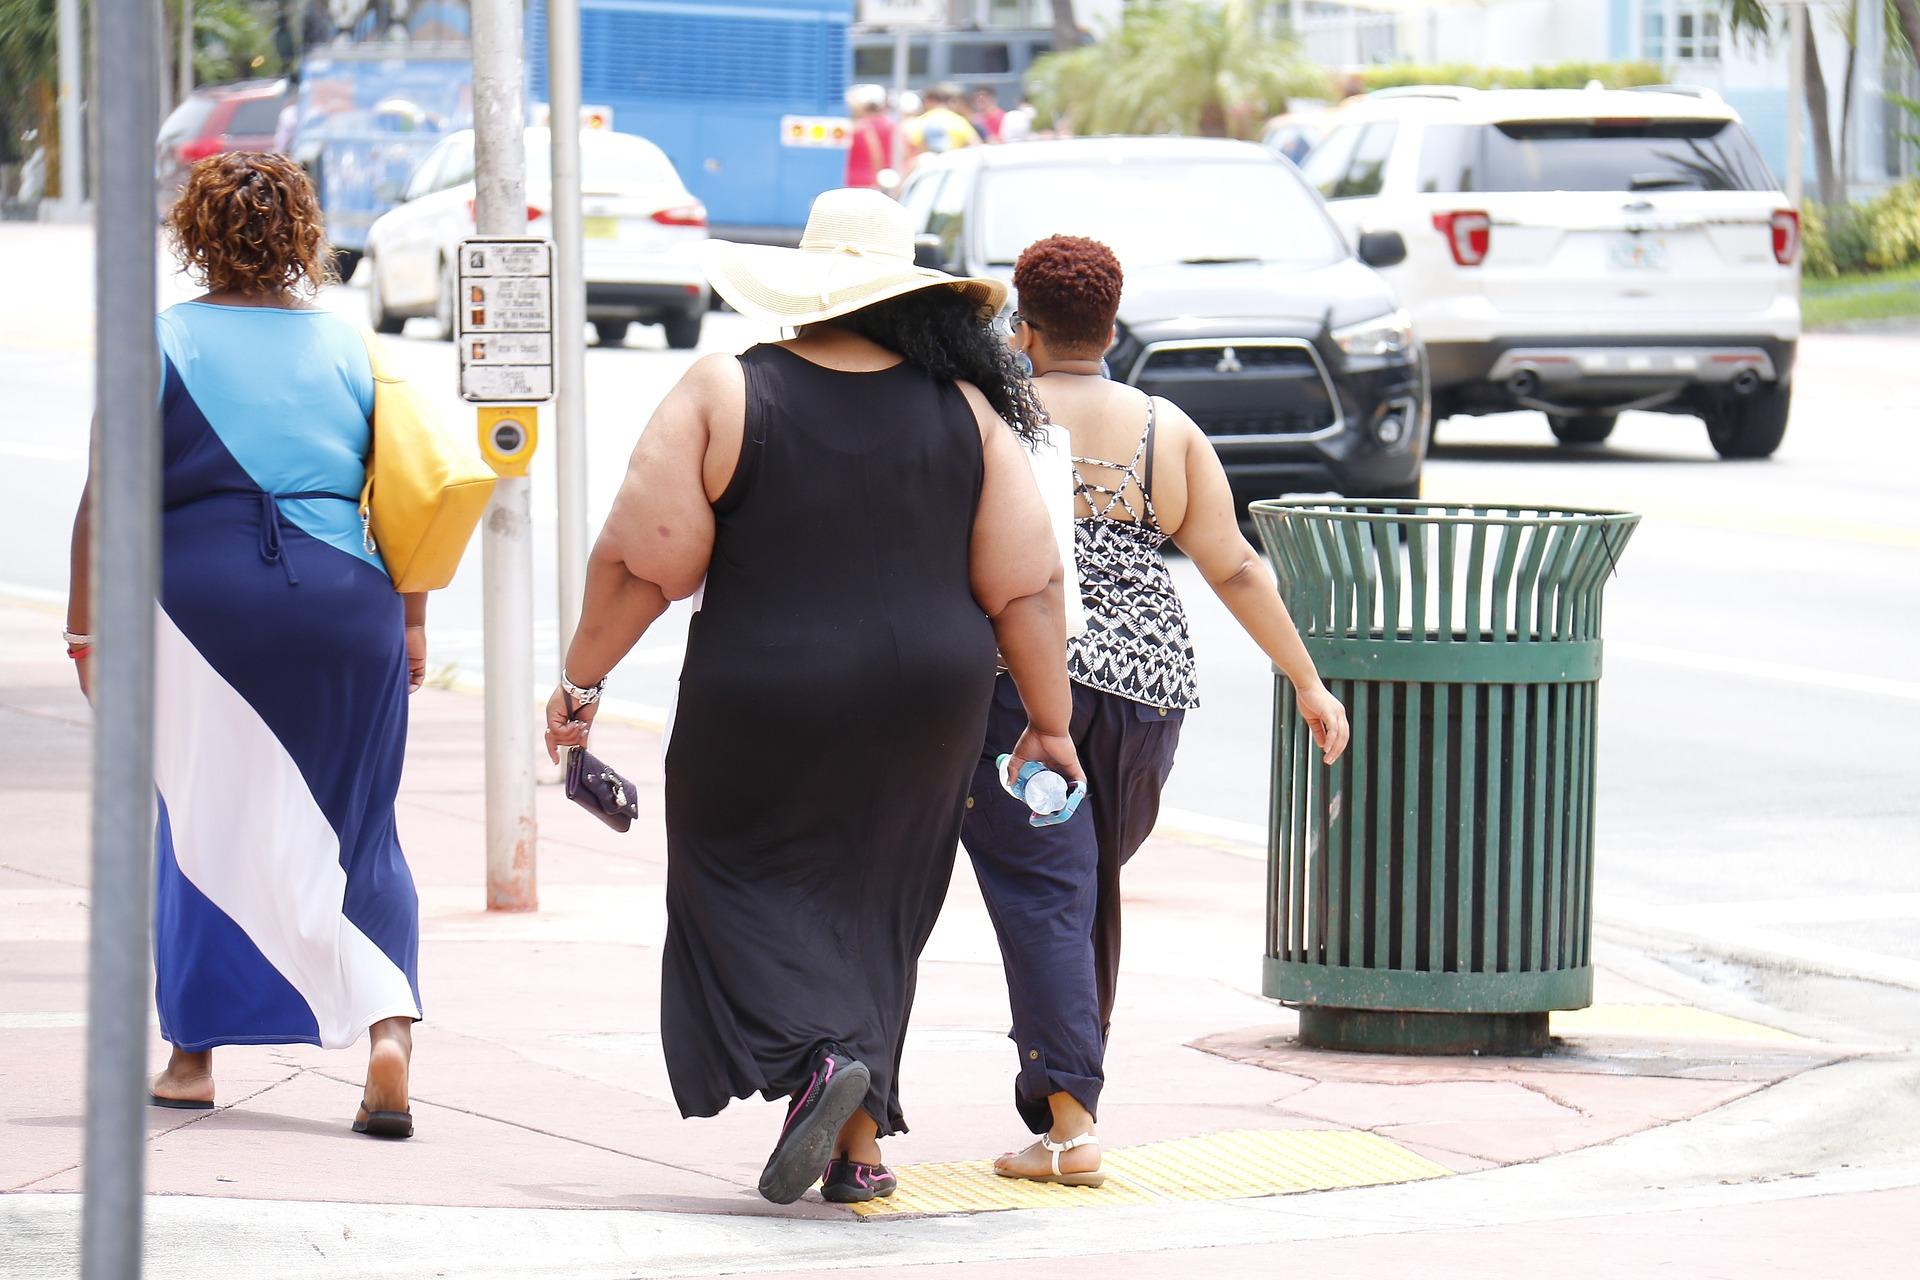 Perché l'Obesità aumenta l'infiammazione?